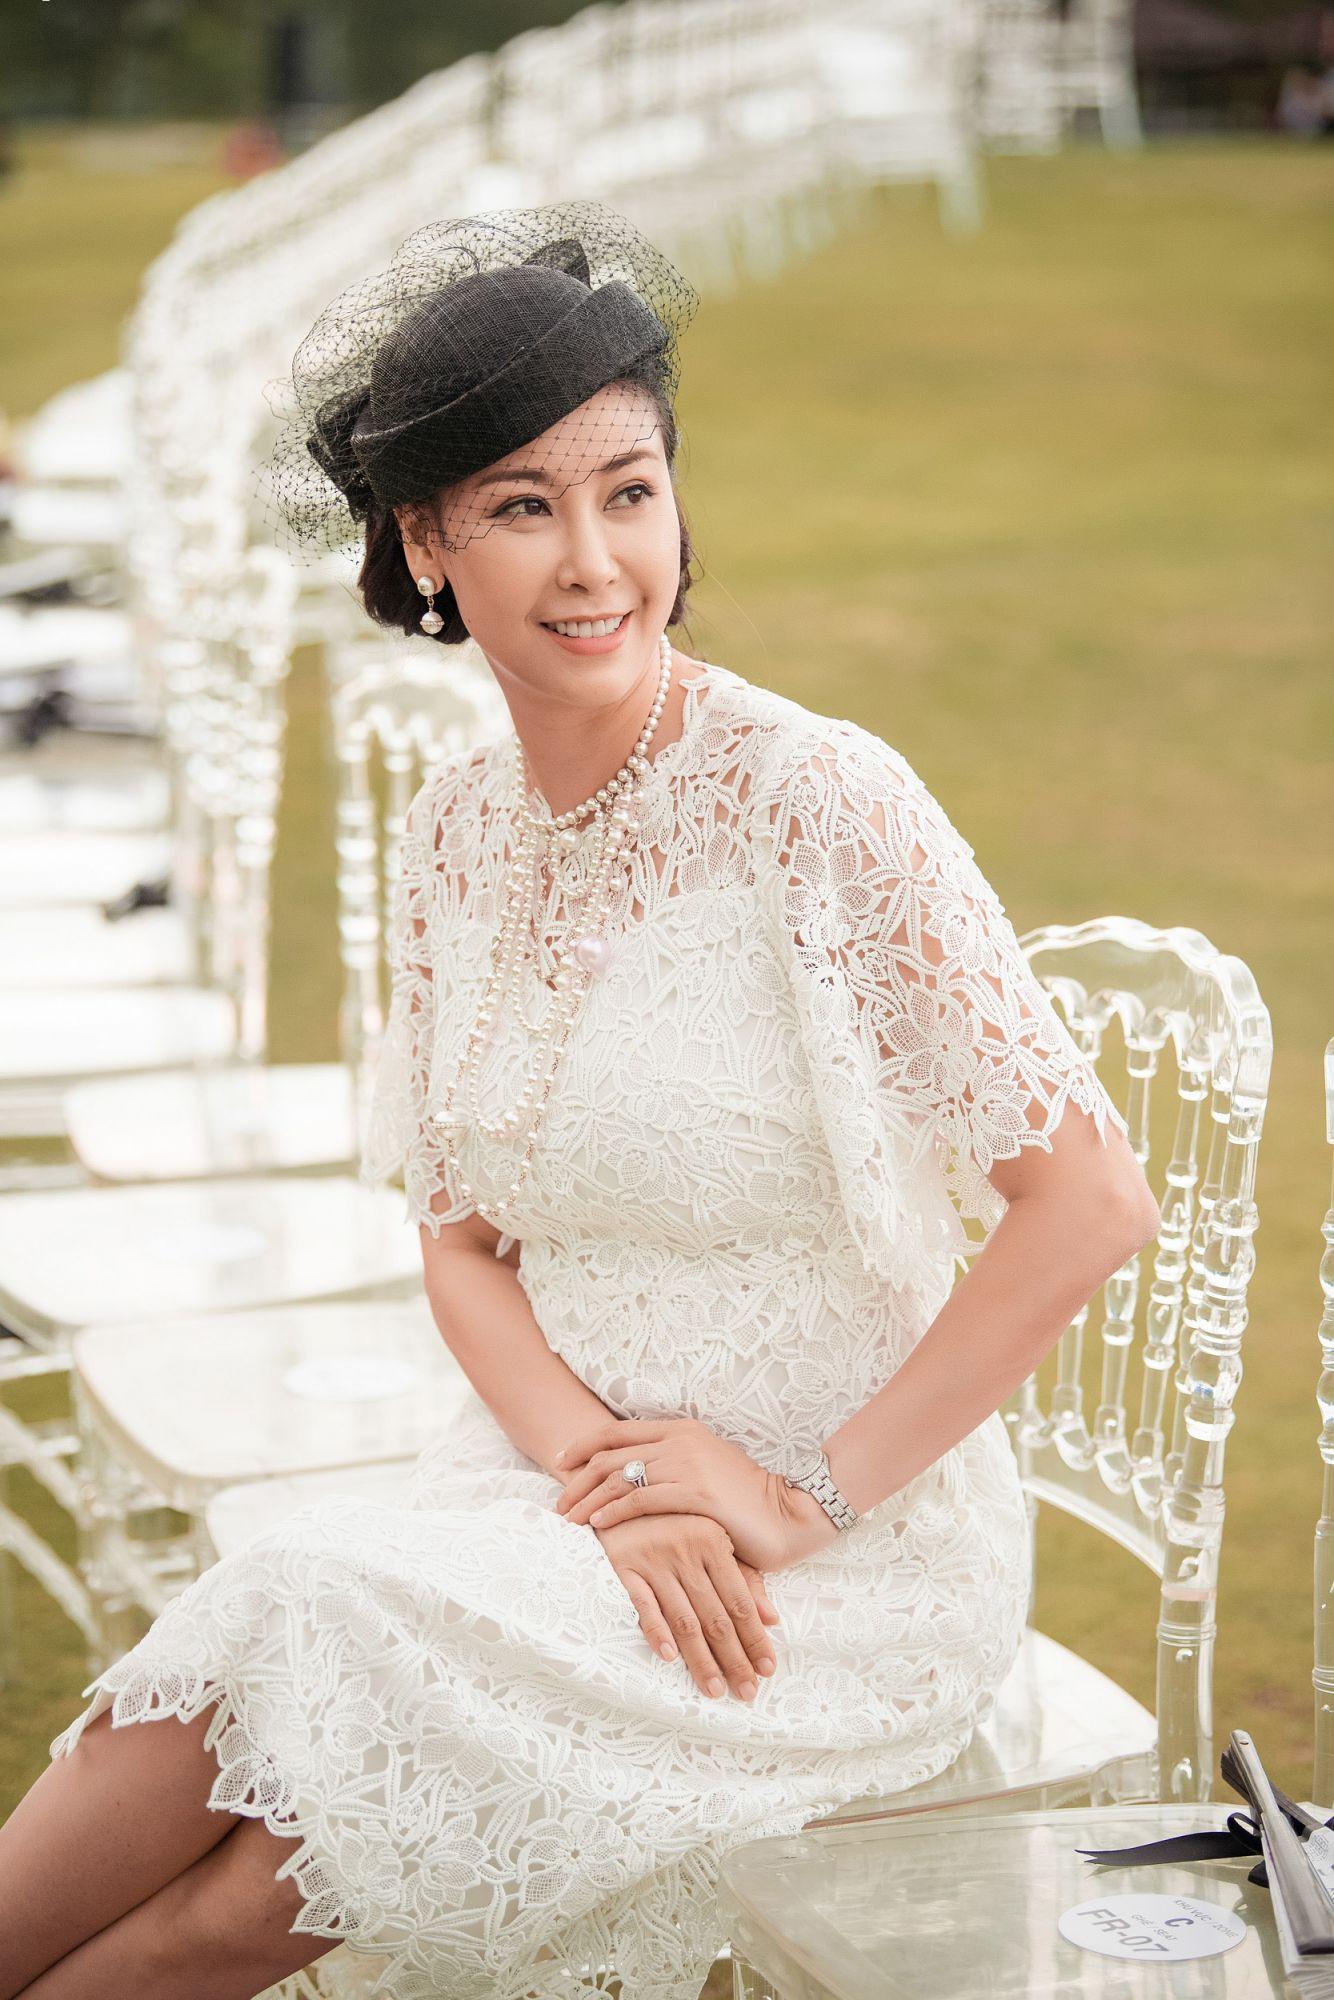 Đỉnh cao nhan sắc dàn Hoa hậu U40, U50 của Vbiz: Đăng quang cả thập kỷ vẫn giữ trọn vẻ đẹp như thời thanh xuân - Ảnh 3.